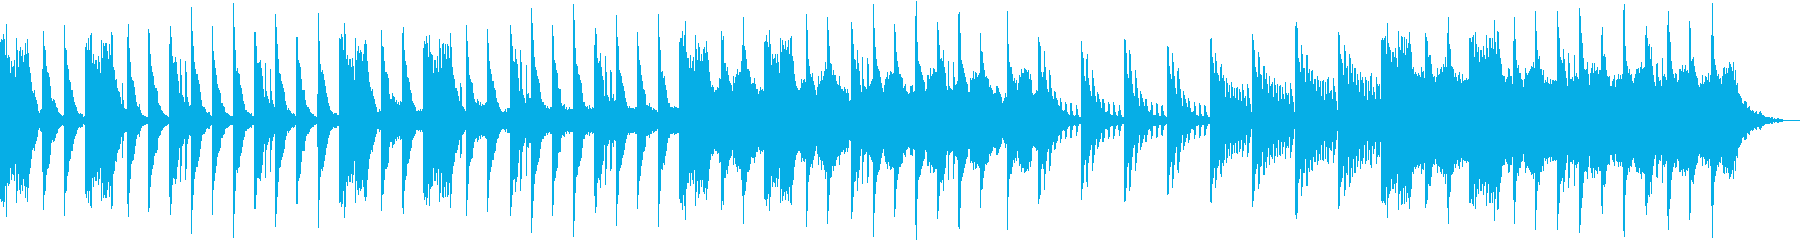 幻想的なピアノとストリングスの再生済みの波形